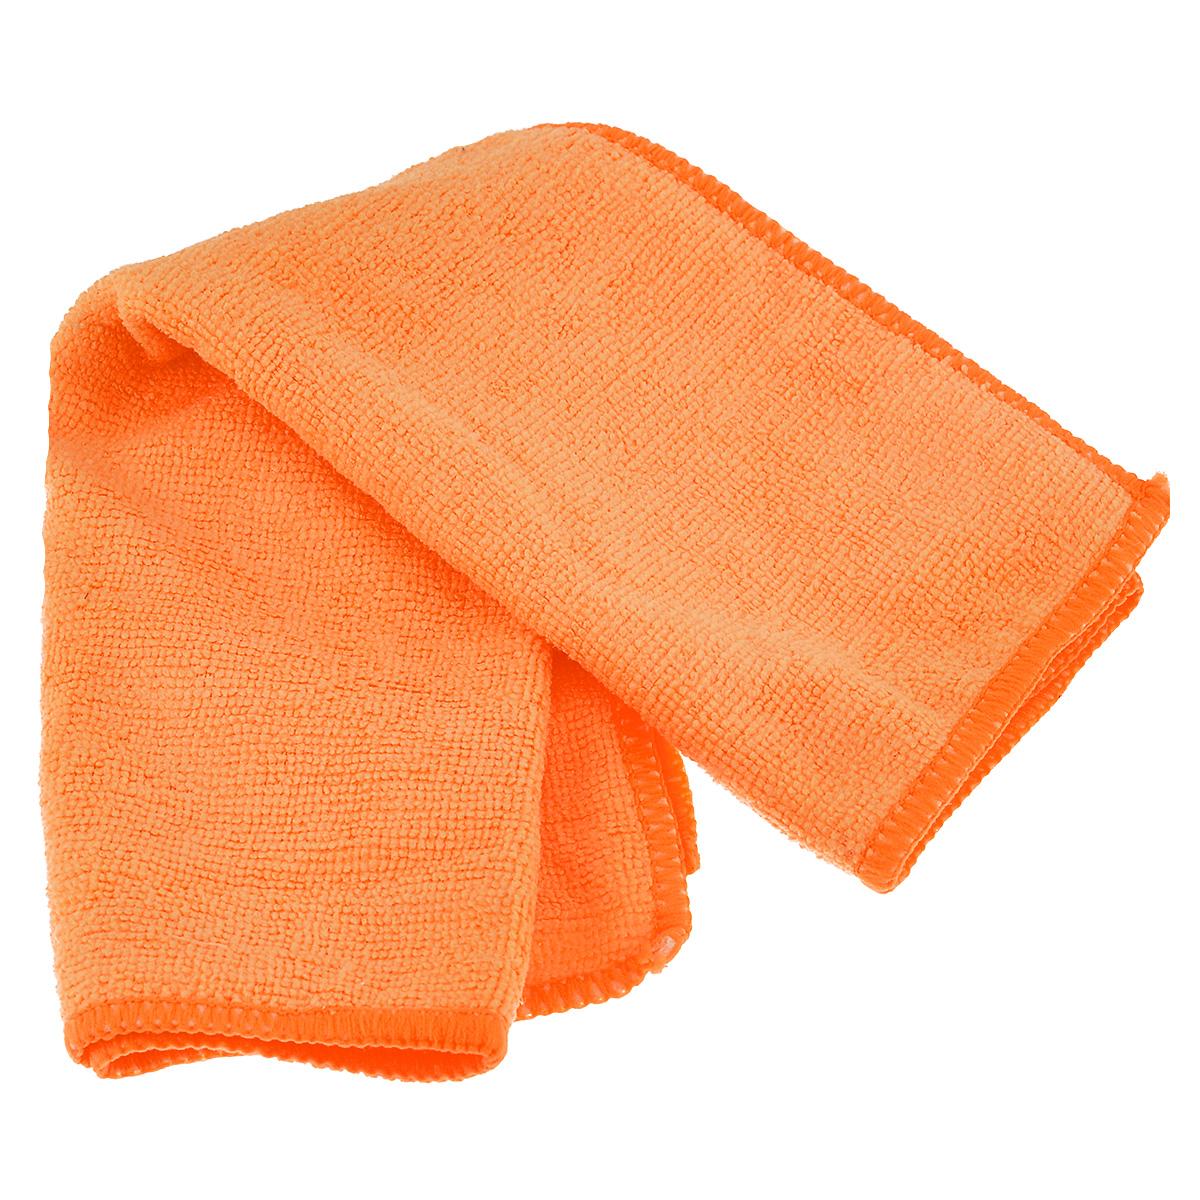 Салфетка из микрофибры Magic Power, для ухода за СВЧ печами и духовыми шкафами, цвет: оранжевый, 35 см х 40 см14400545_ГерберыСалфетка Magic Power, изготовленная из микрофибры (75% полиэстера, 25% полиамида), предназначена для ухода за СВЧ печами и духовыми шкафами, для очистки внешней и внутренней поверхности плит и микроволновых печей от любых видов загрязнений, для полировки и придания блеска. Идеально подходит для использования со средствами Magic Power по уходу за СВЧ-печами и духовыми шкафами. Не оставляет разводов и ворсинок. Обладает повышенной прочностью.